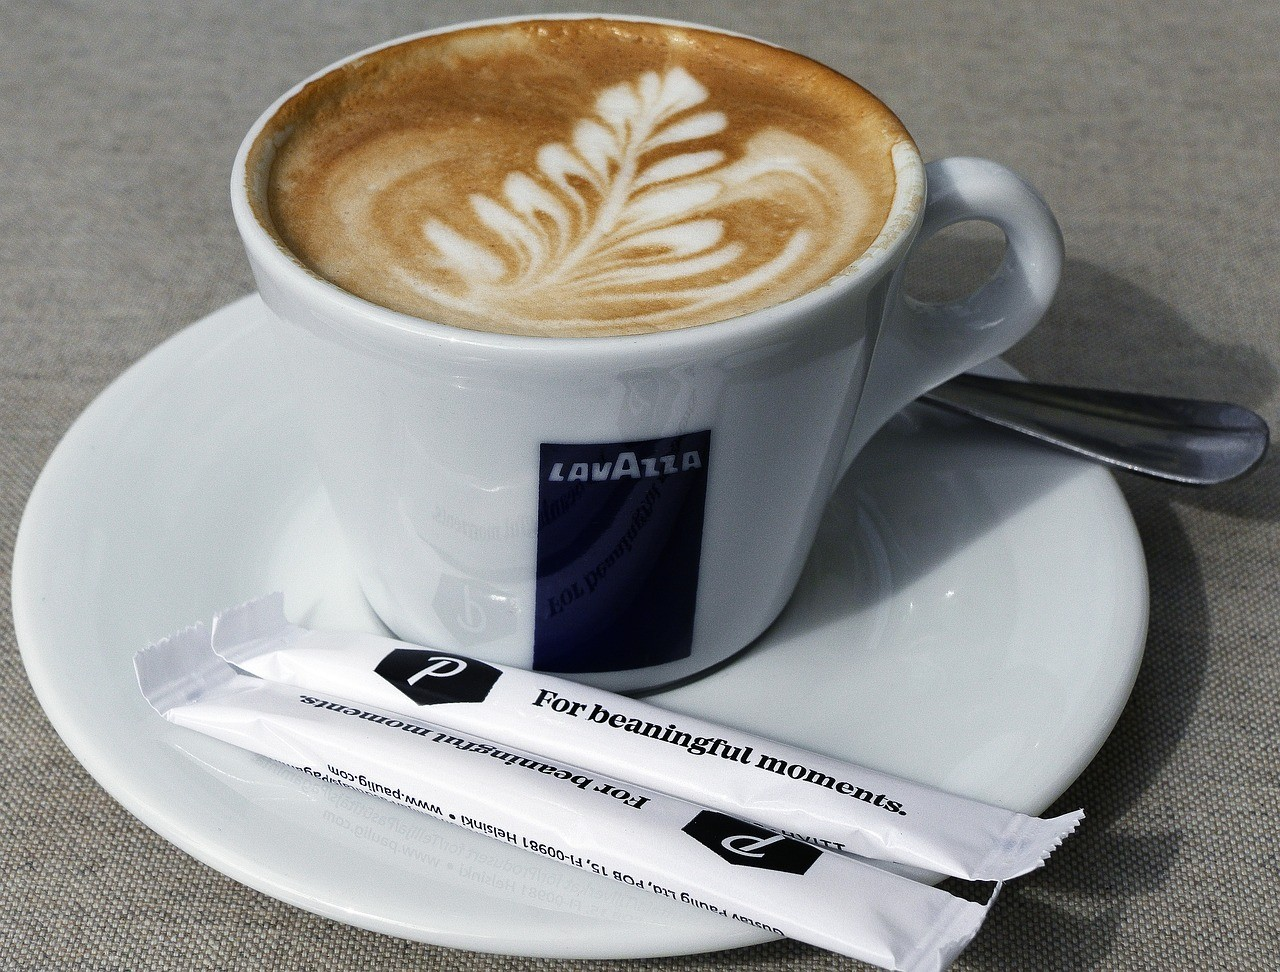 Mit einer modernen Lavazza A Modo Mio Kapselmaschine, machst Du dir ganz einfach und schnell einen Kaffee wie aus einem Coffeeshop.